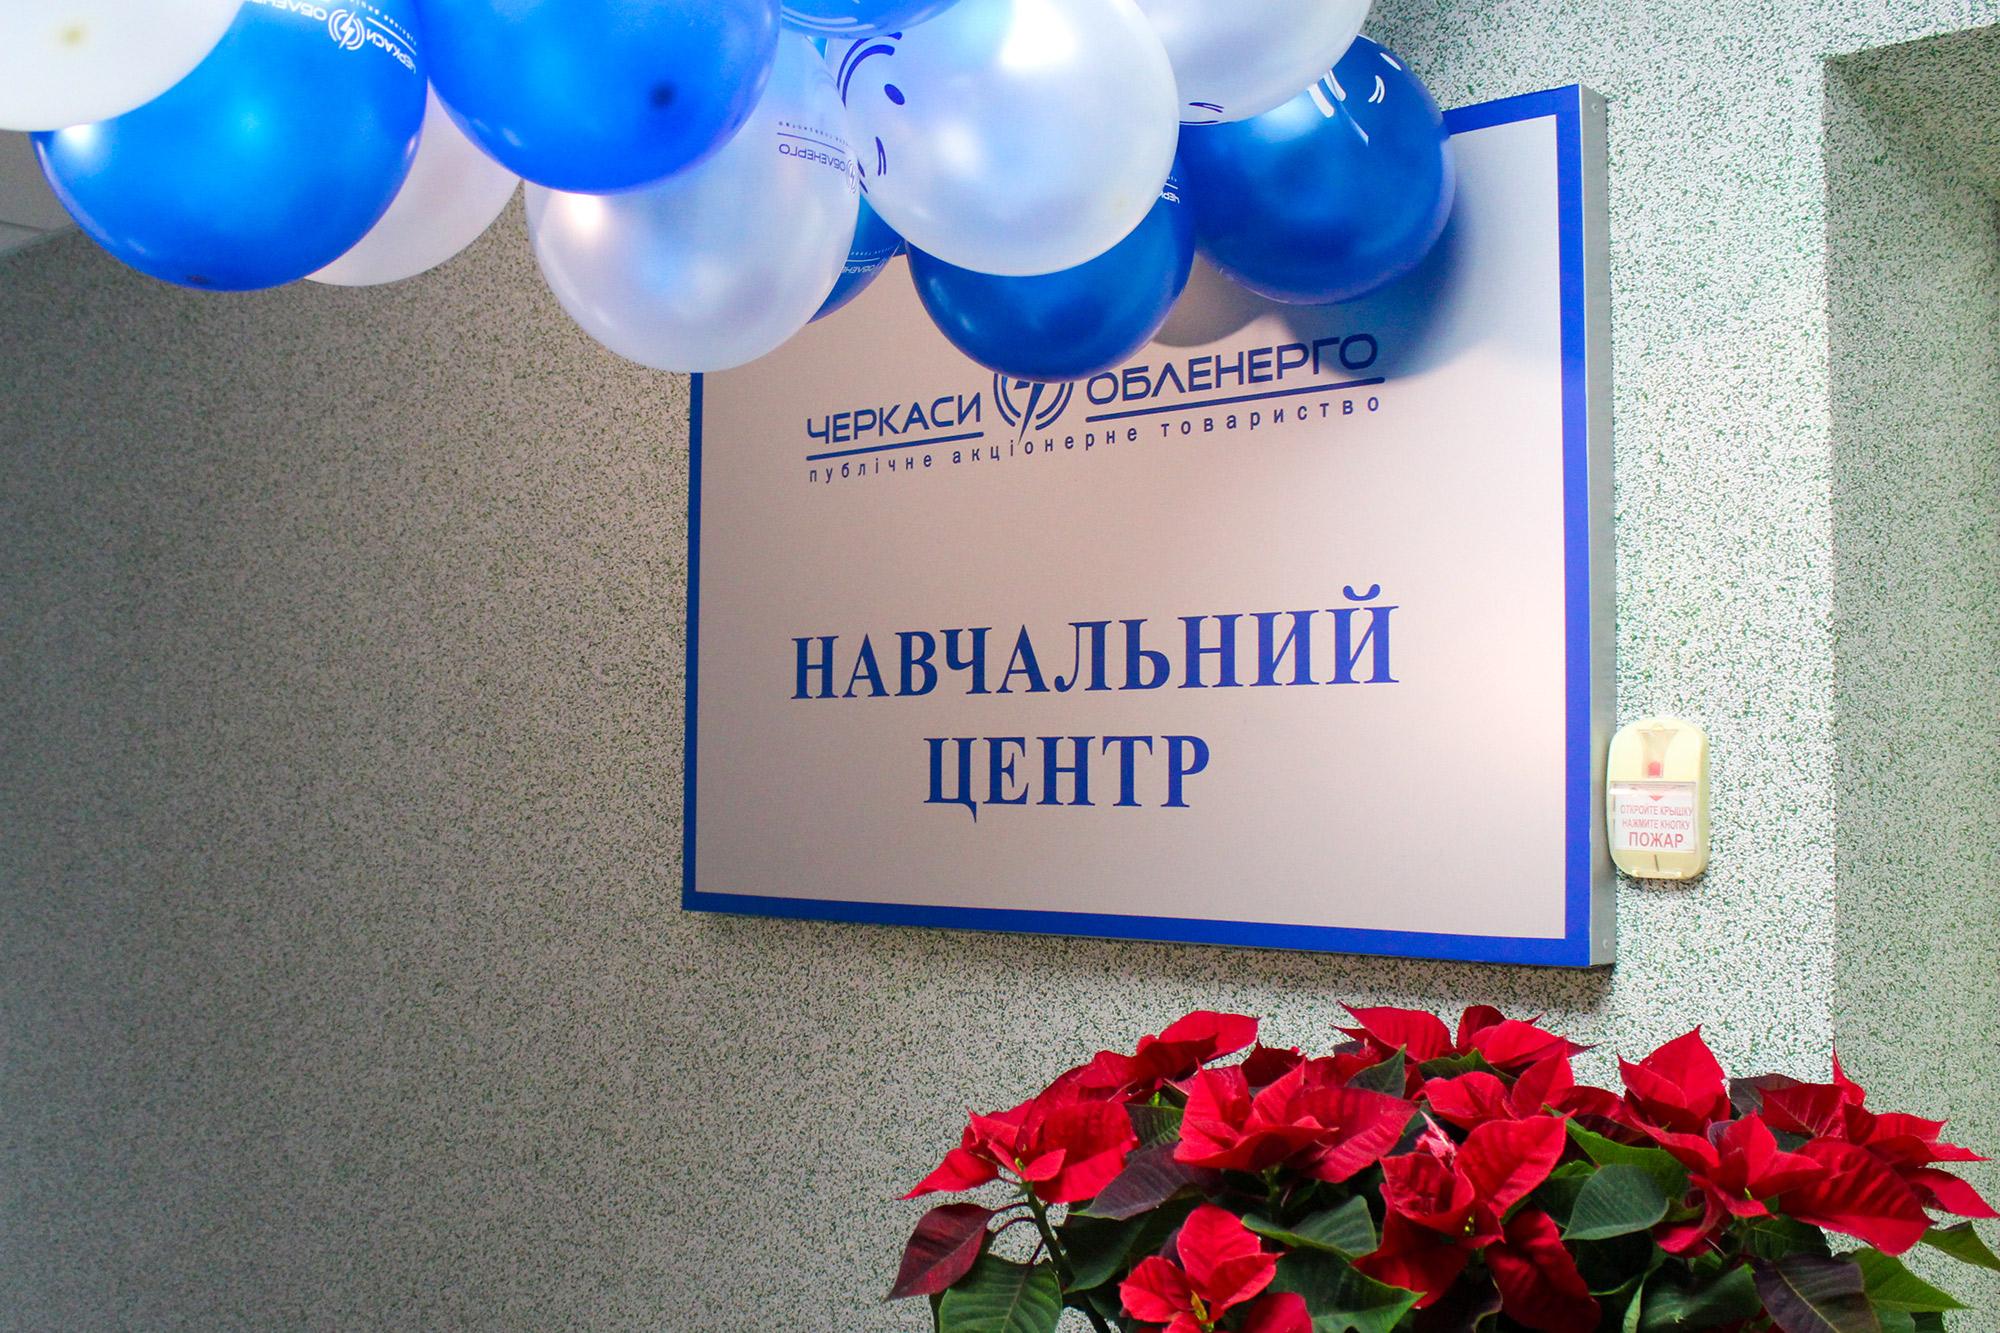 Урочисте відкриття оновленого Навчального центру Товариства